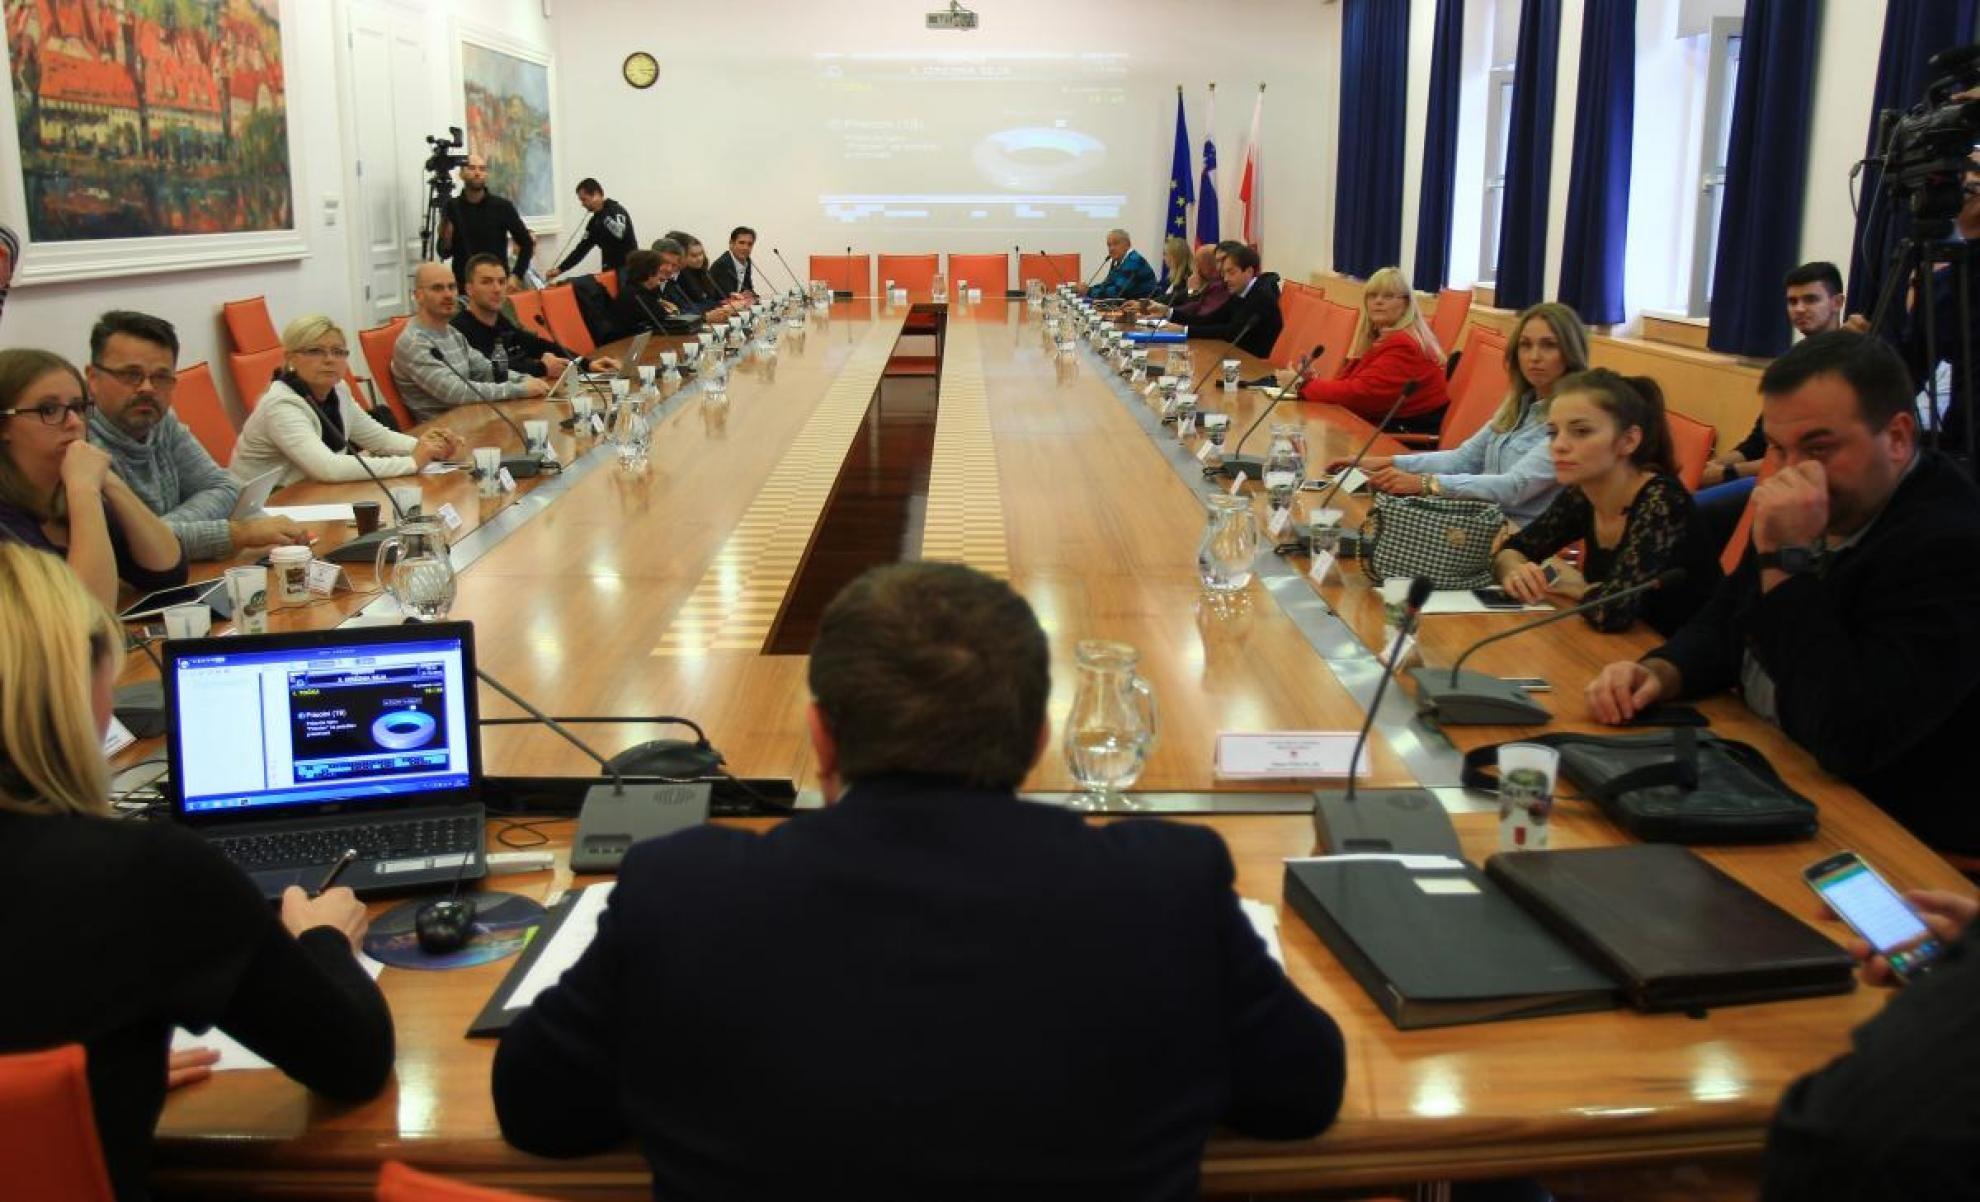 Opozicsjki mestni svetniki so prepričani, da župan manipulira z javnostjo.